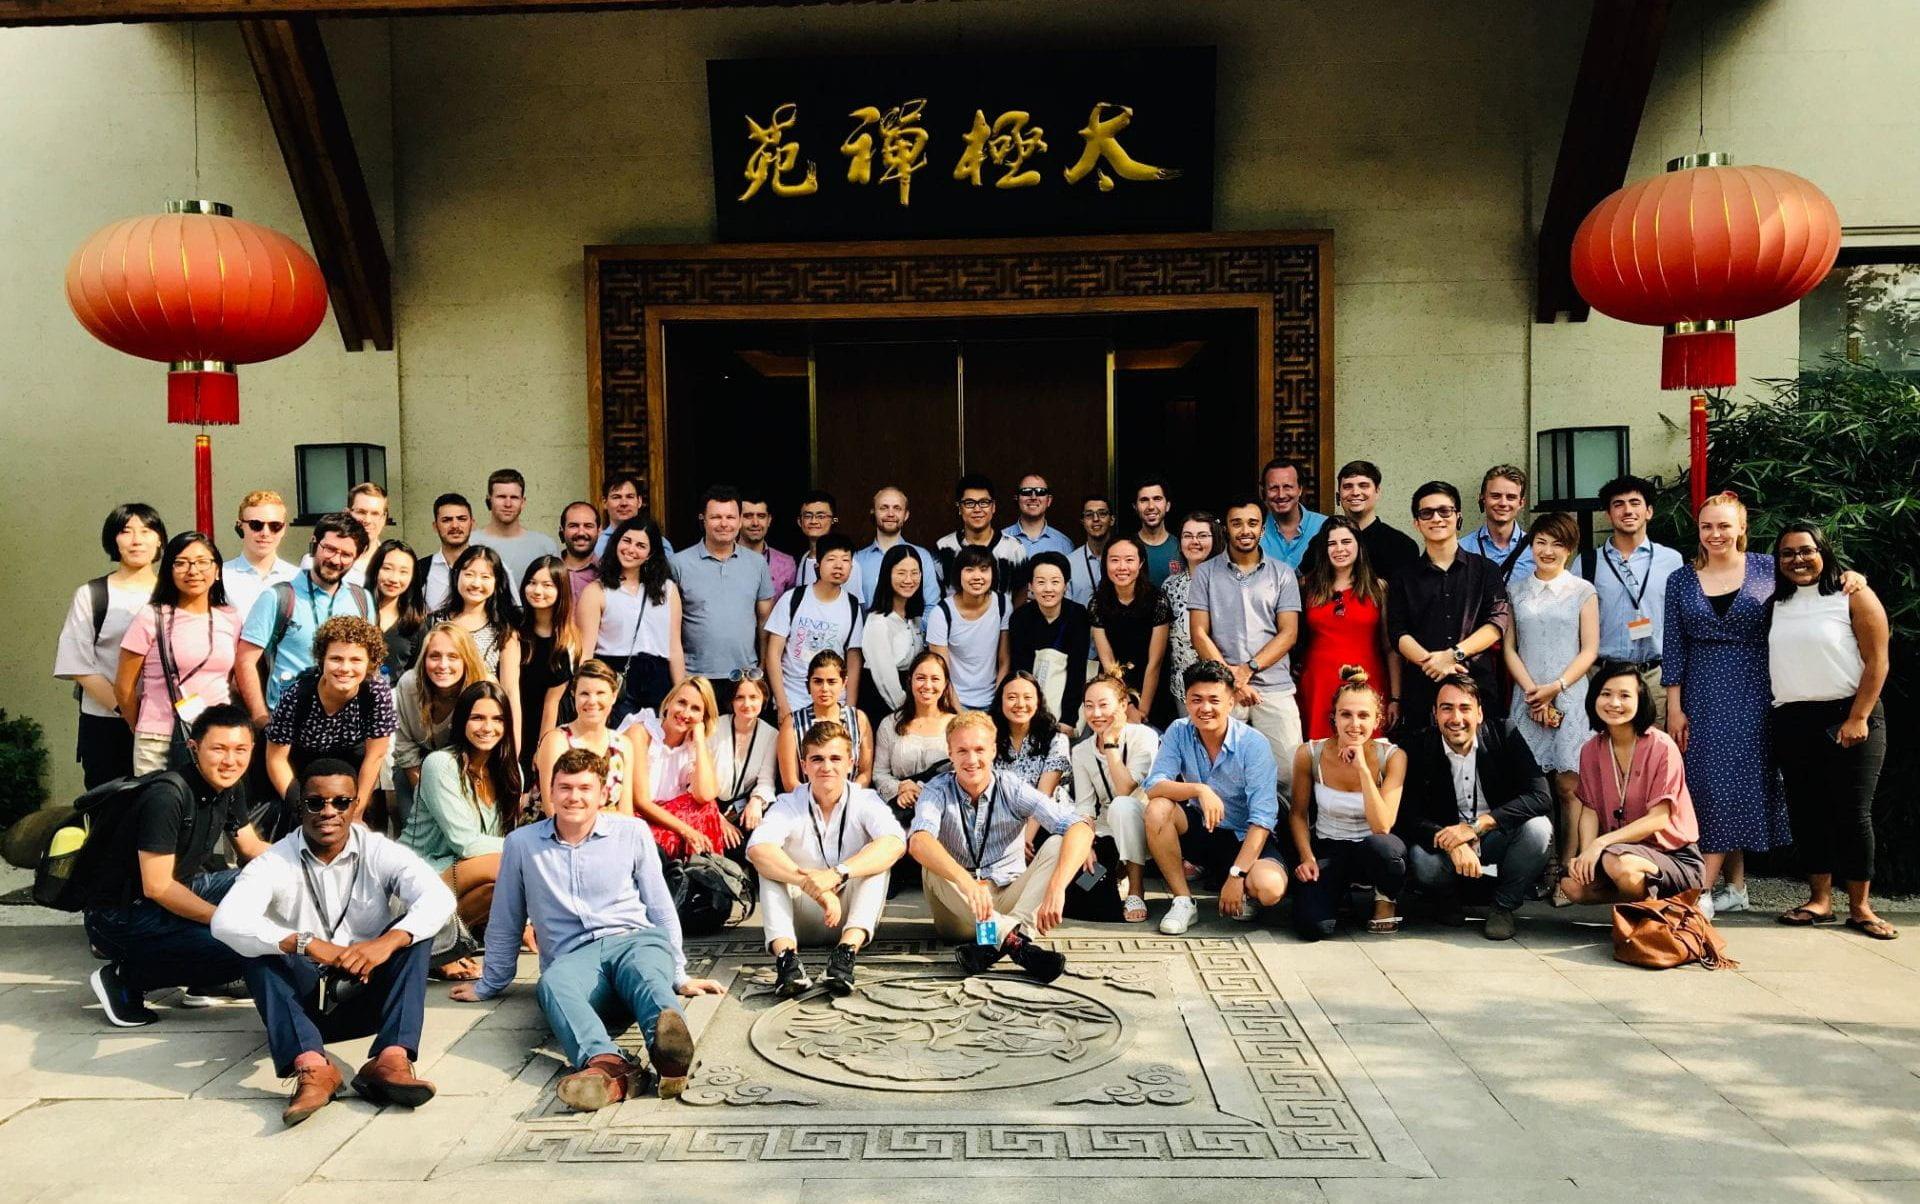 Group of Students at Fudan University, Summer 2019